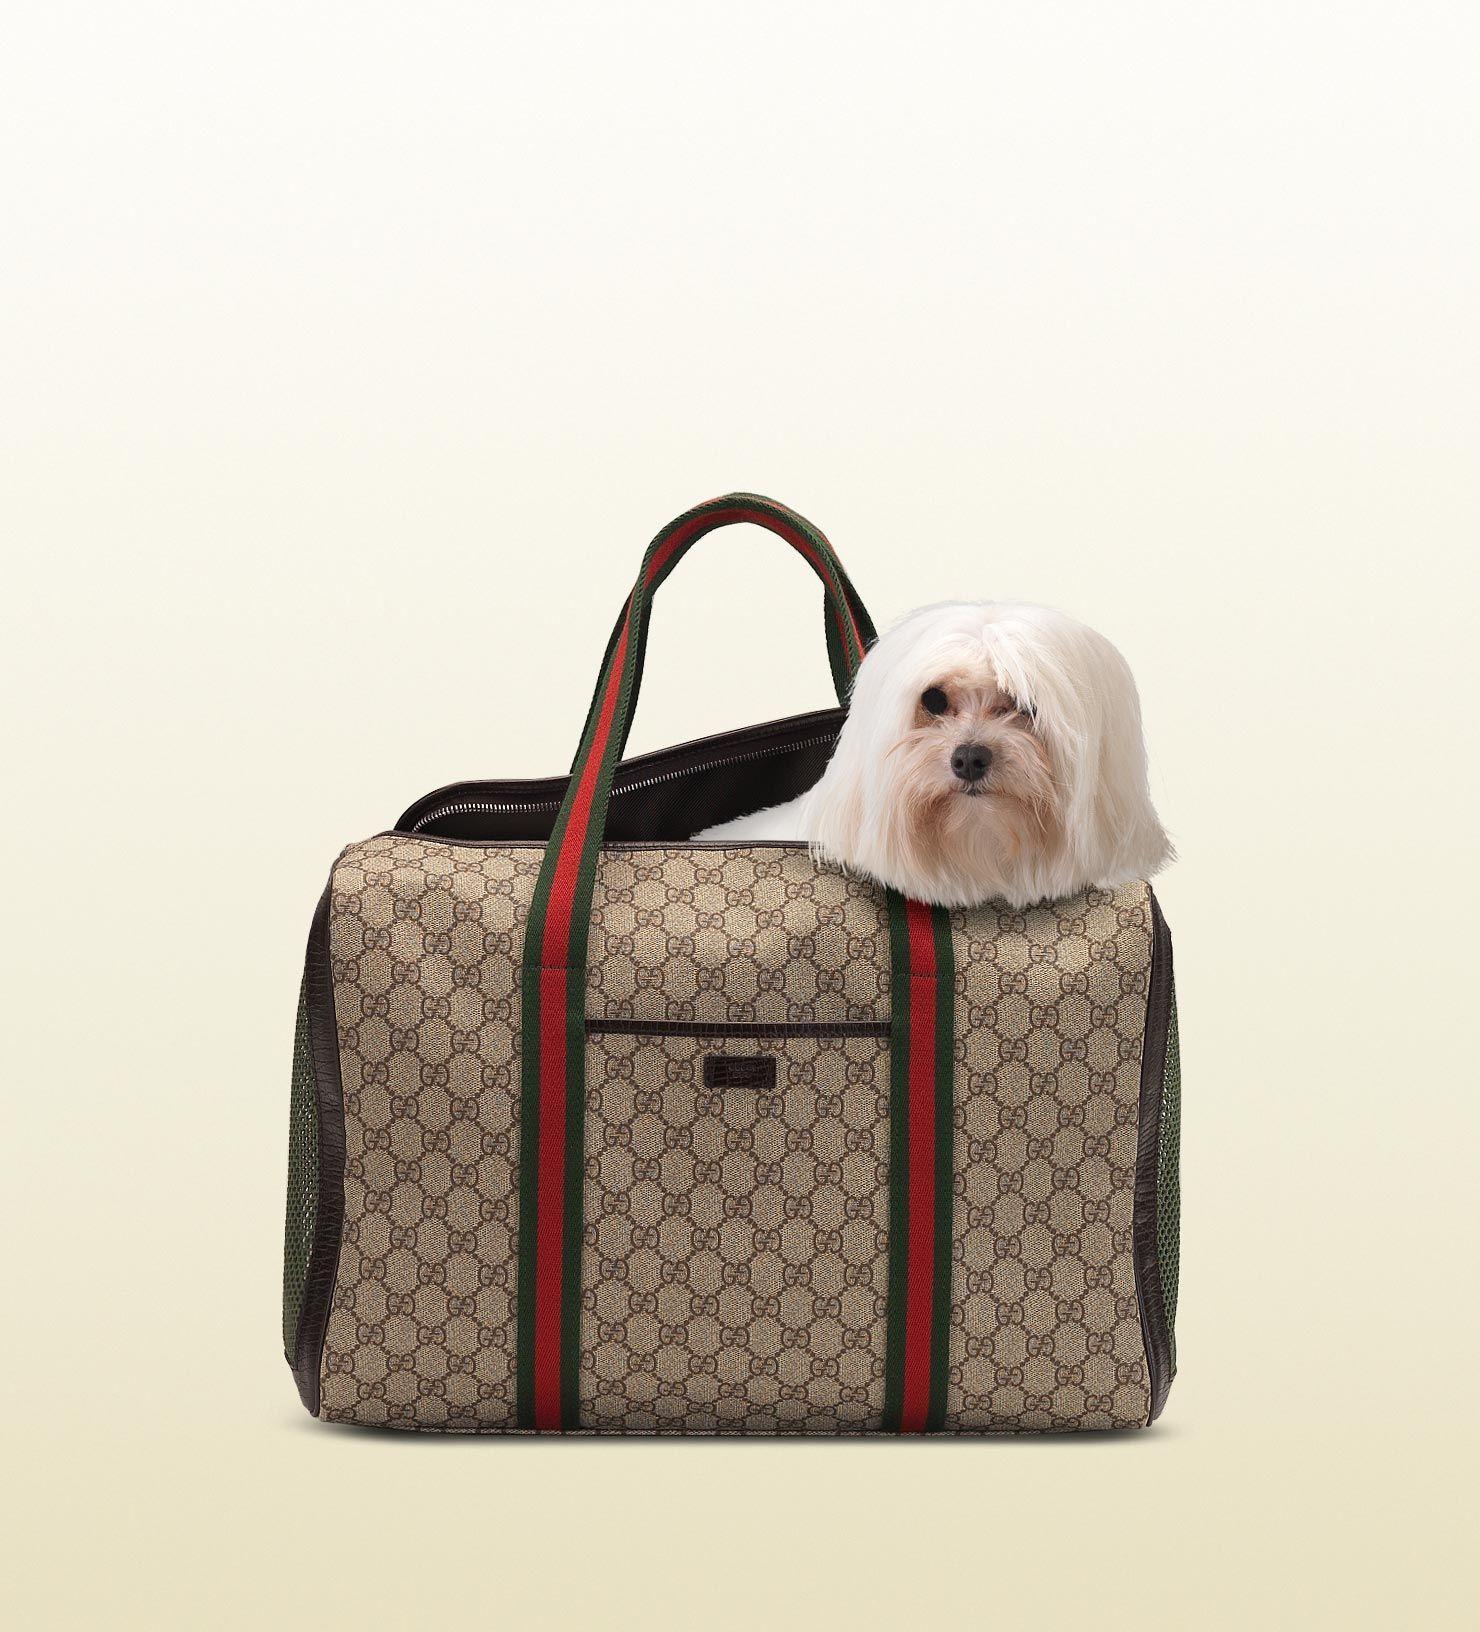 Gucci Dog Bag Designer Dog Carriers Dog Bag Bags